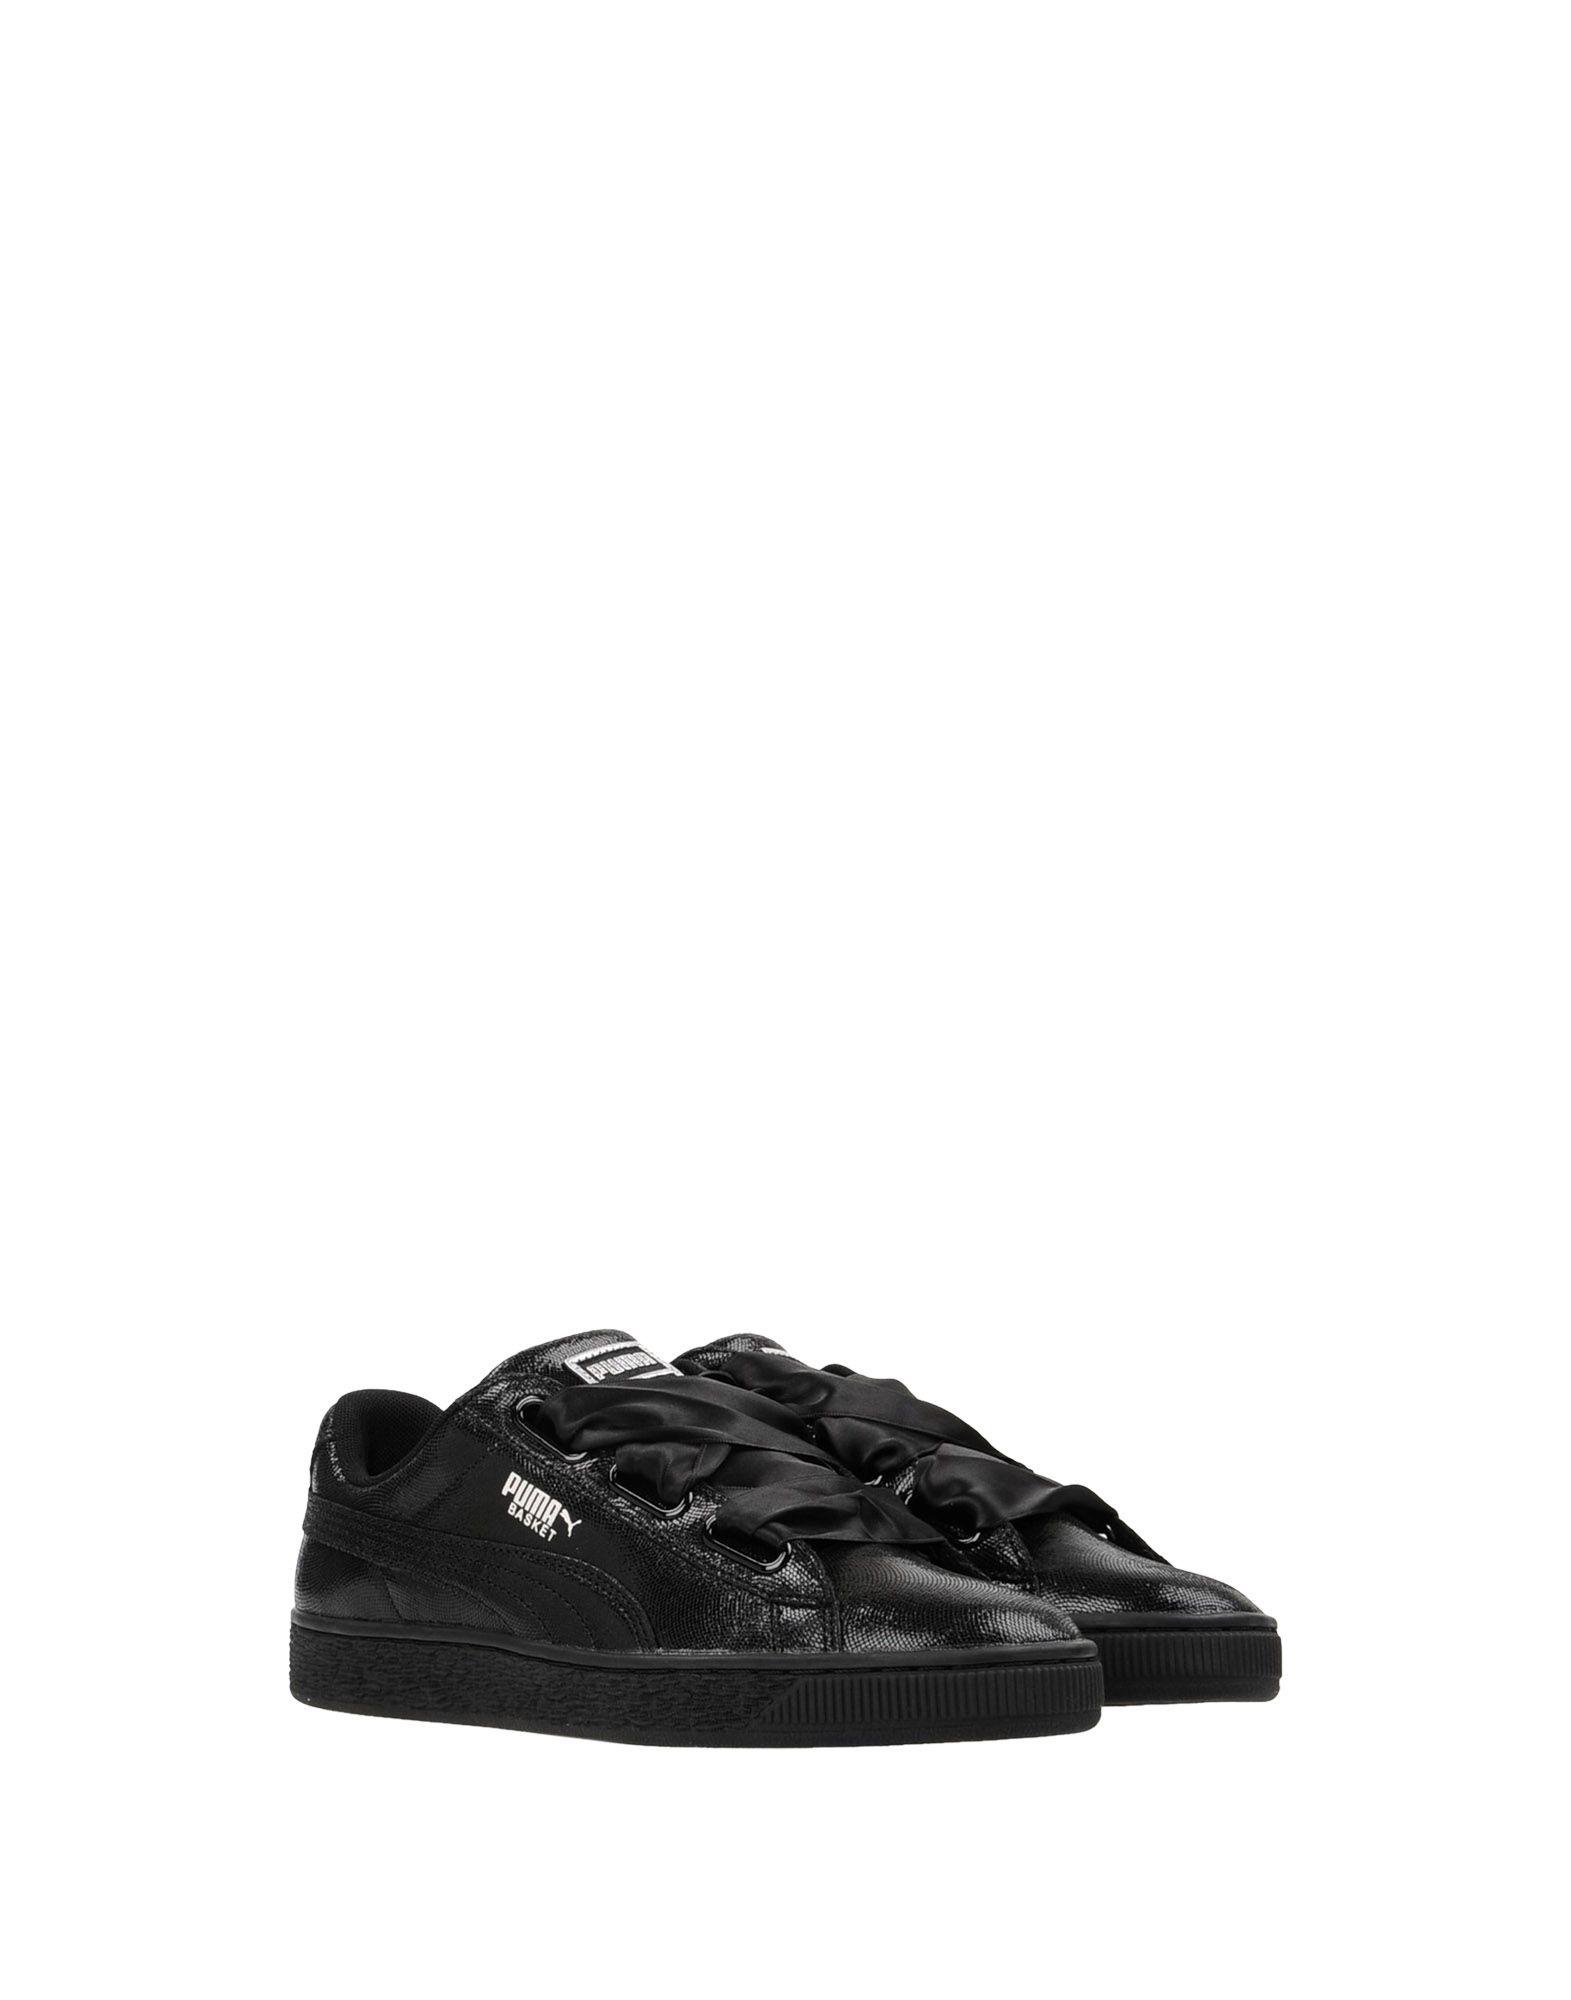 Puma Basket Heart Ns beliebte Wn's  11394385LH Gute Qualität beliebte Ns Schuhe d92dae